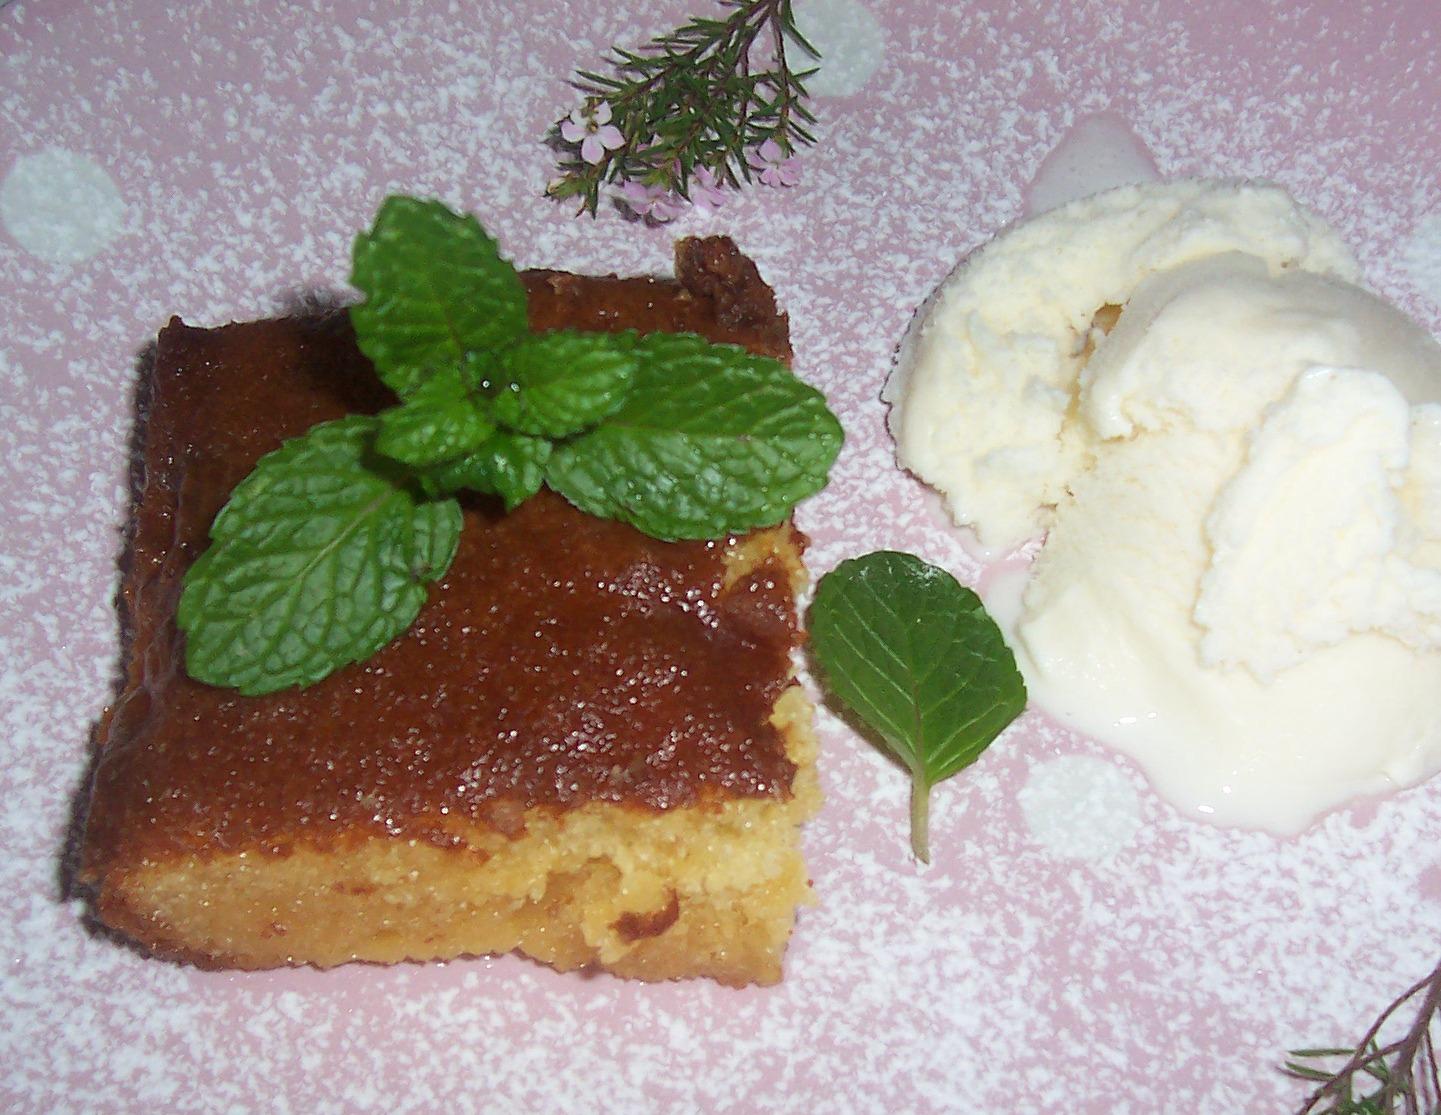 apple tart with caramel sauce